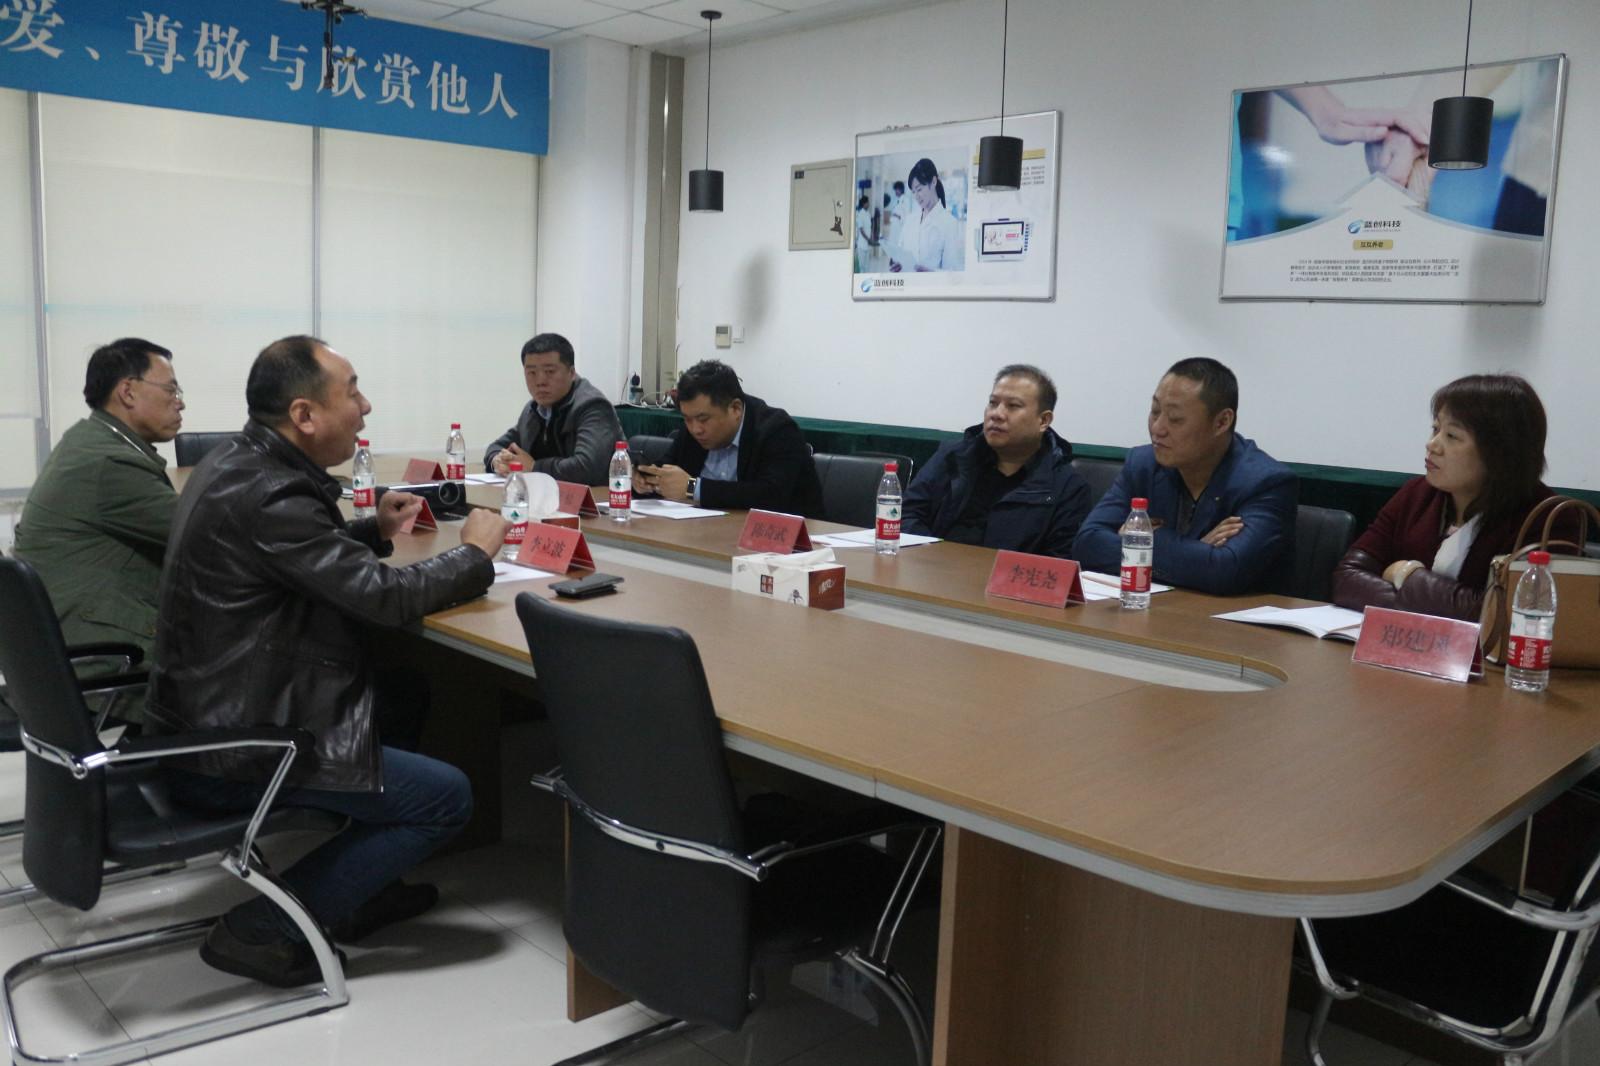 會議_meitu_4.jpg